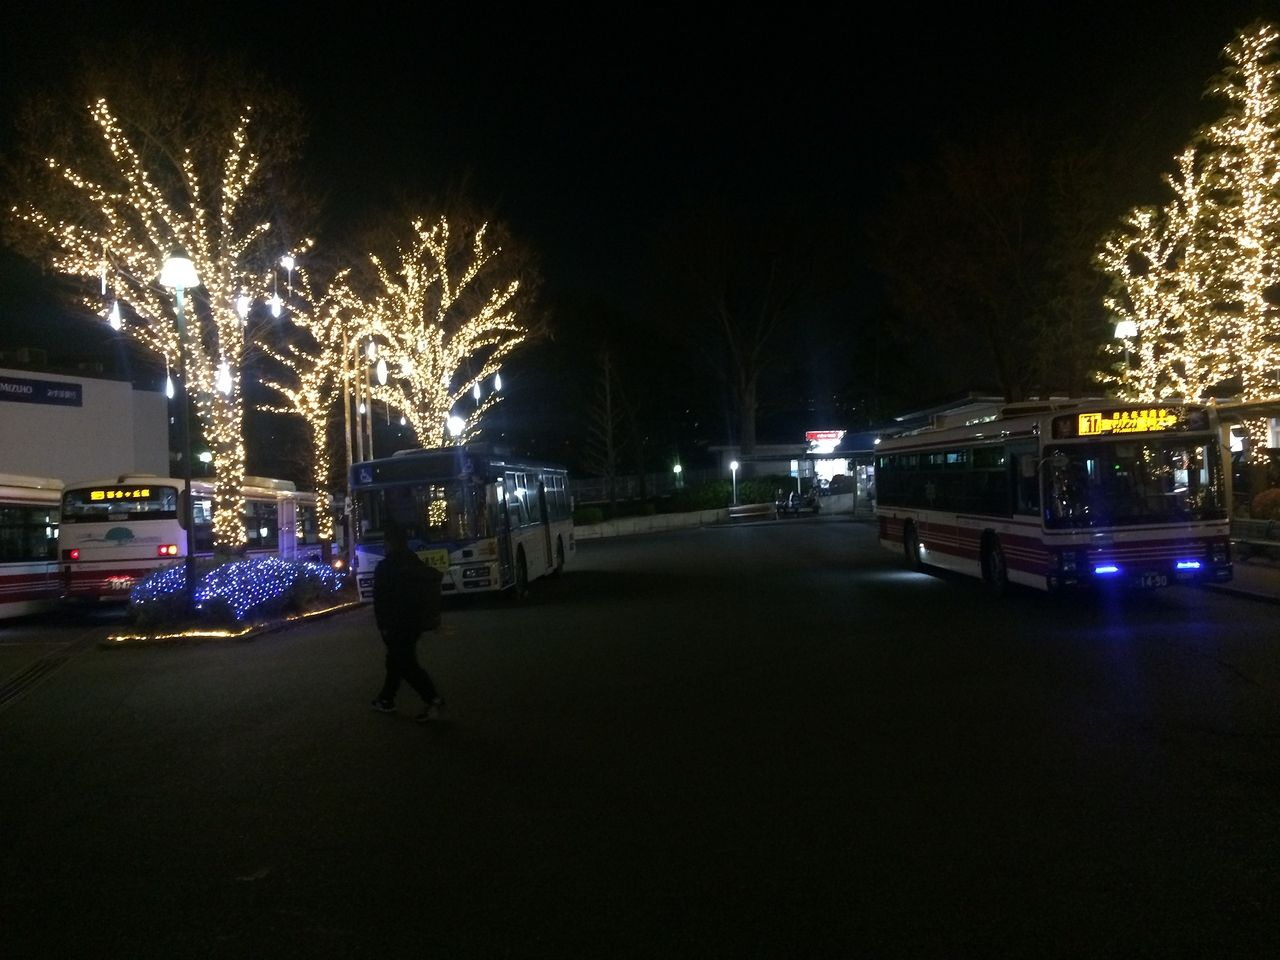 聖マリアンナ病院のバス乗り場のクリスマス・イルミネーション